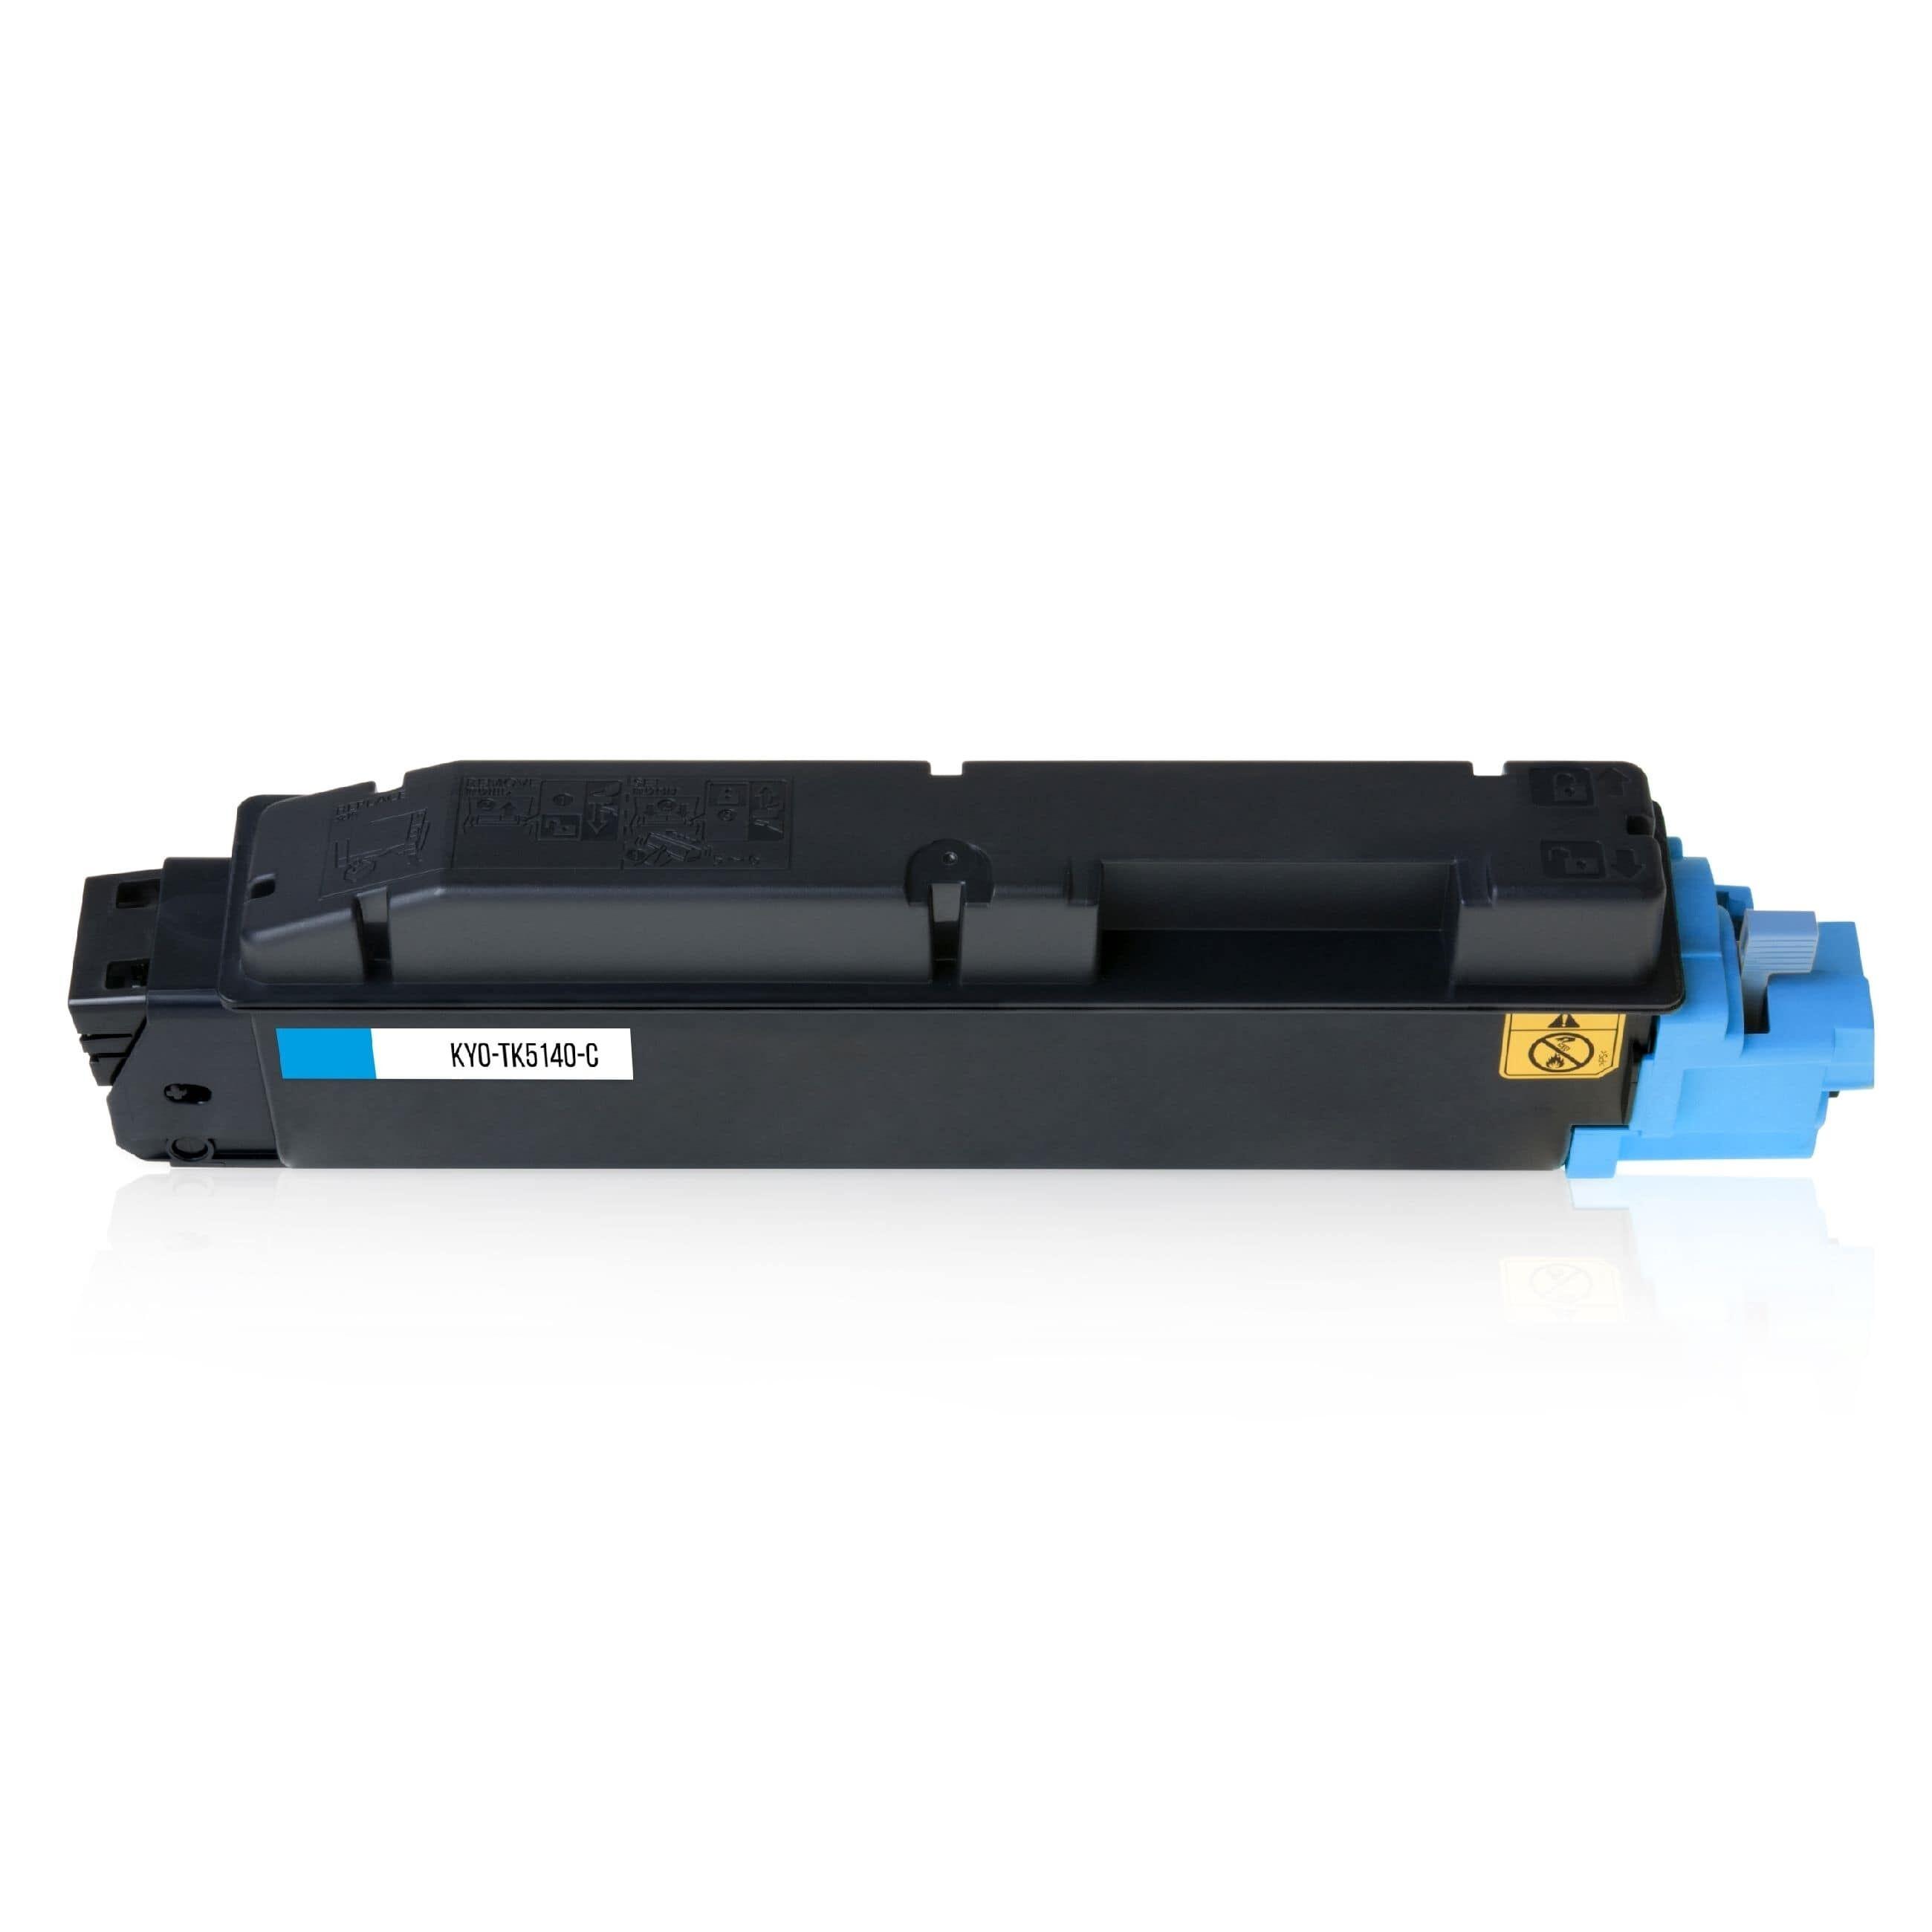 Kyocera Cartouche de Toner pour Kyocera 1T02NRCNL0 / TK-5140 C cyan compatible (de marque ASC)